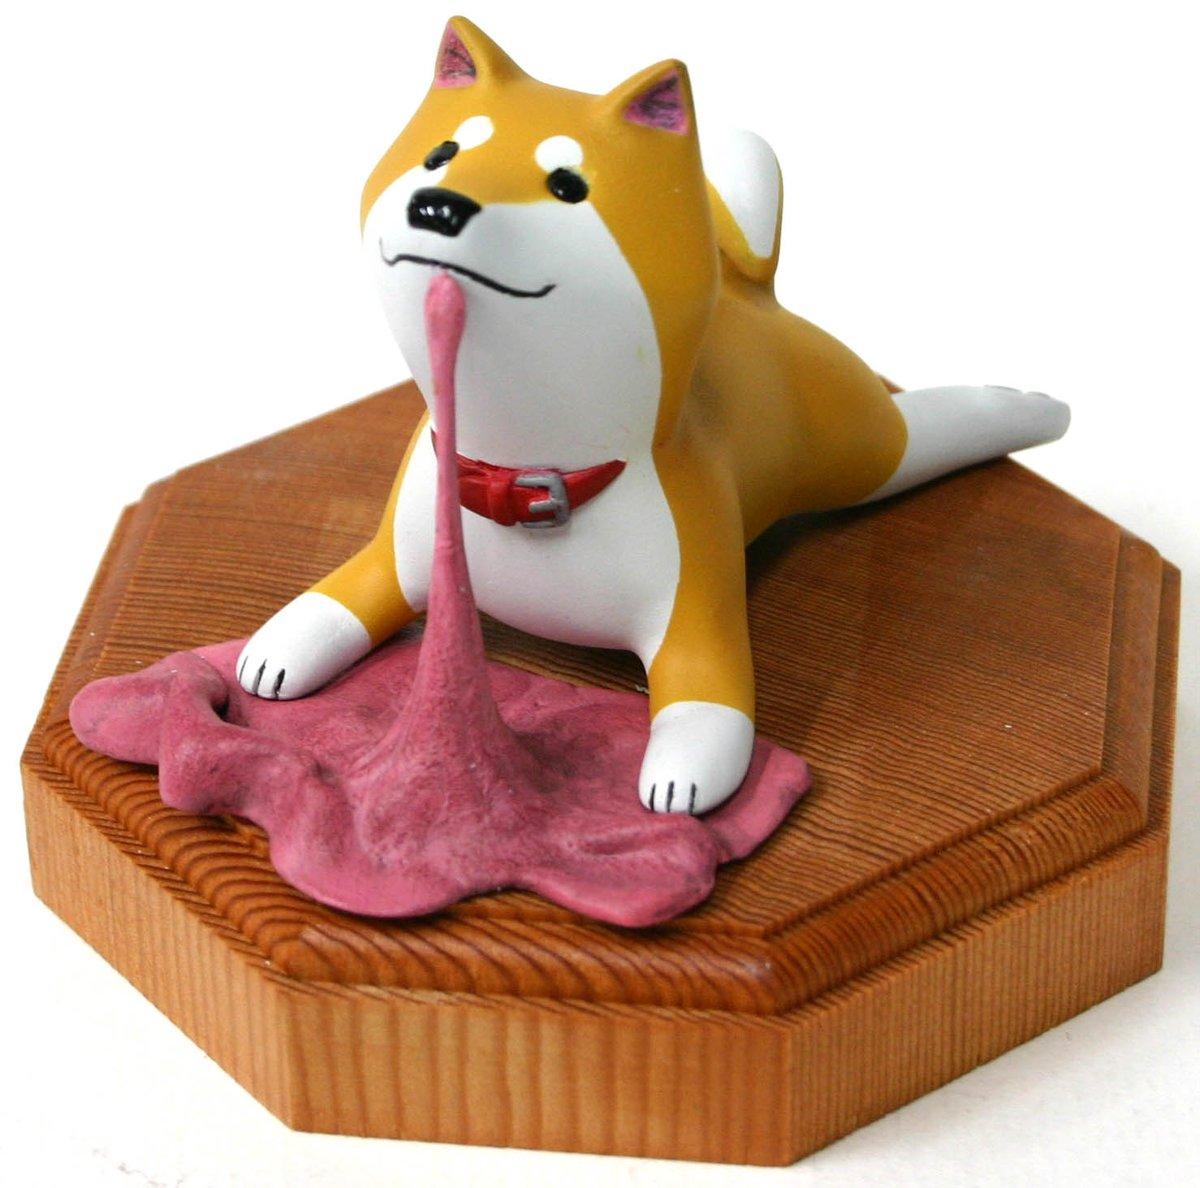 「いとしのムーコ」(ちびキノコ様作)です♪ 石粉粘土でできてます! 少しの間展示中~☆